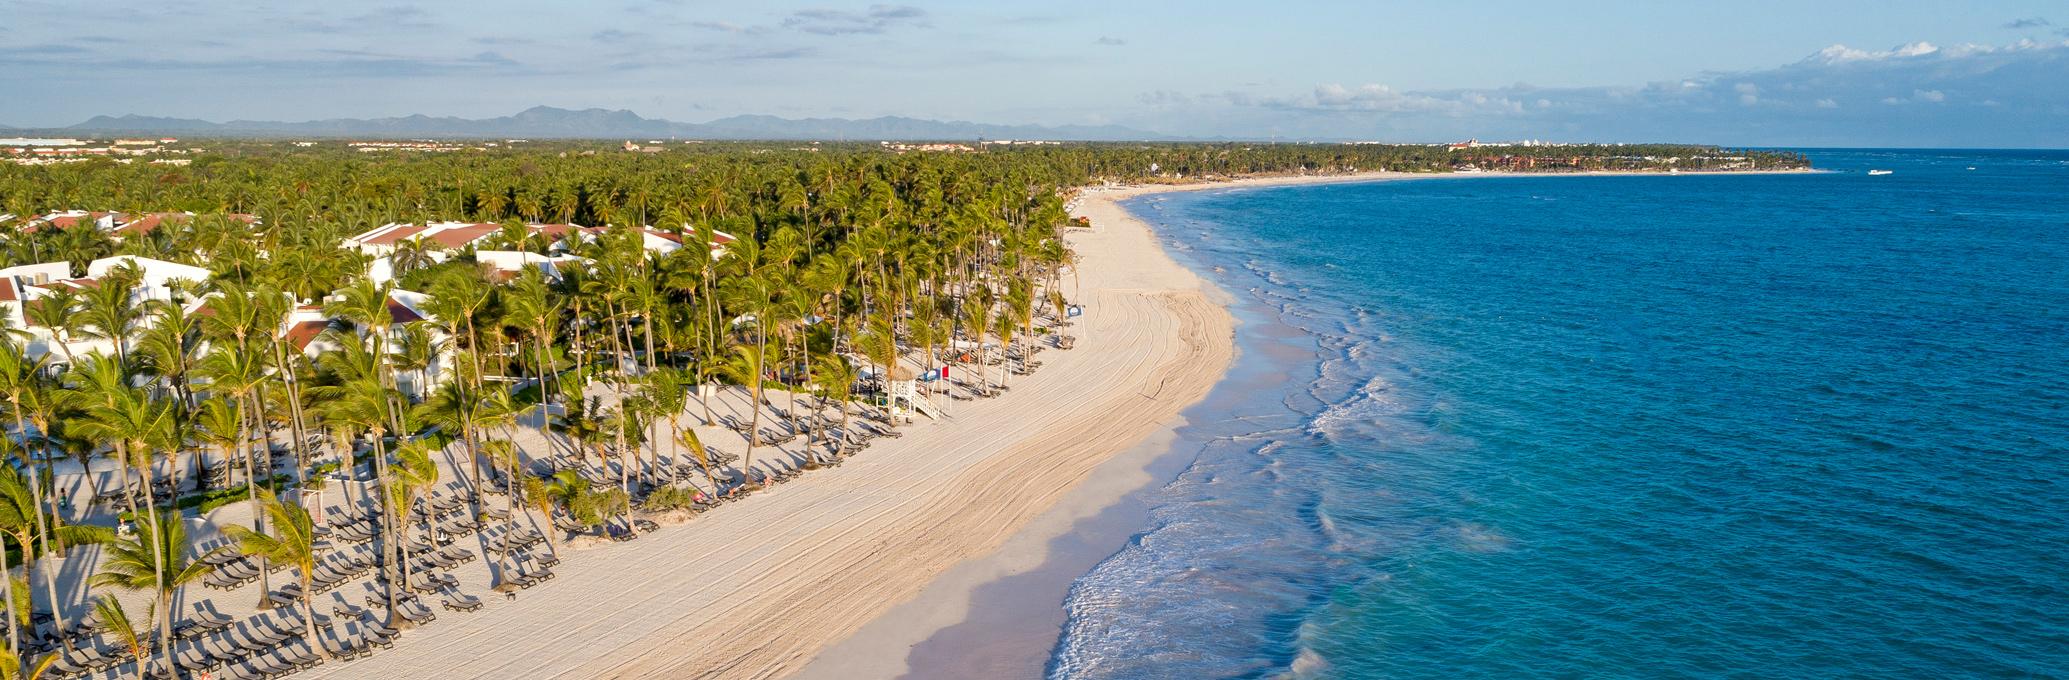 Occidental Punta Cana: hotéis em Punta Cana